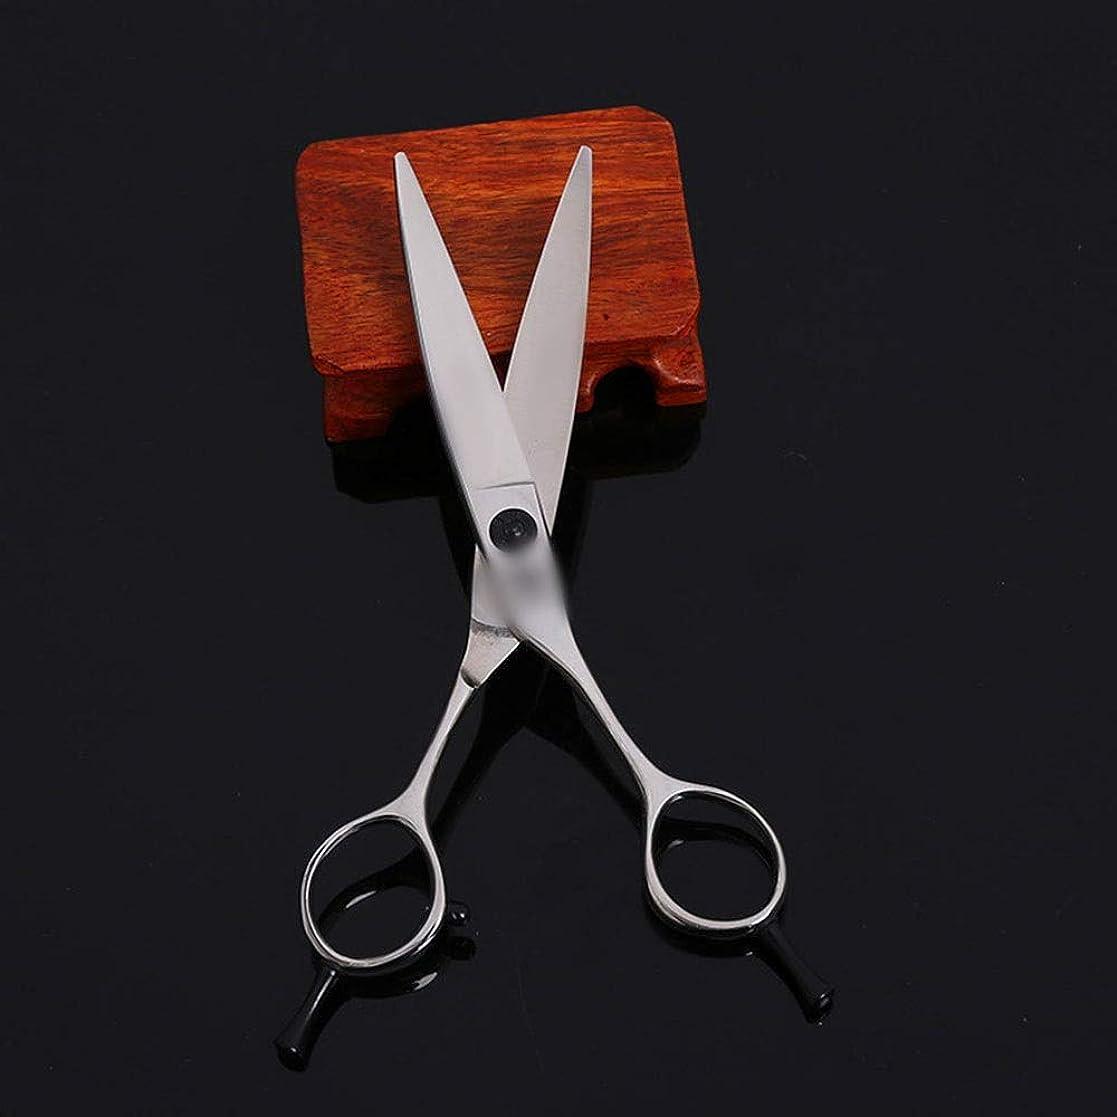 ぞっとするような思われる瞑想的6インチ美容院プロフェッショナル理髪はさみハイエンド理髪ツールカーリングはさみ モデリングツール (色 : Silver)